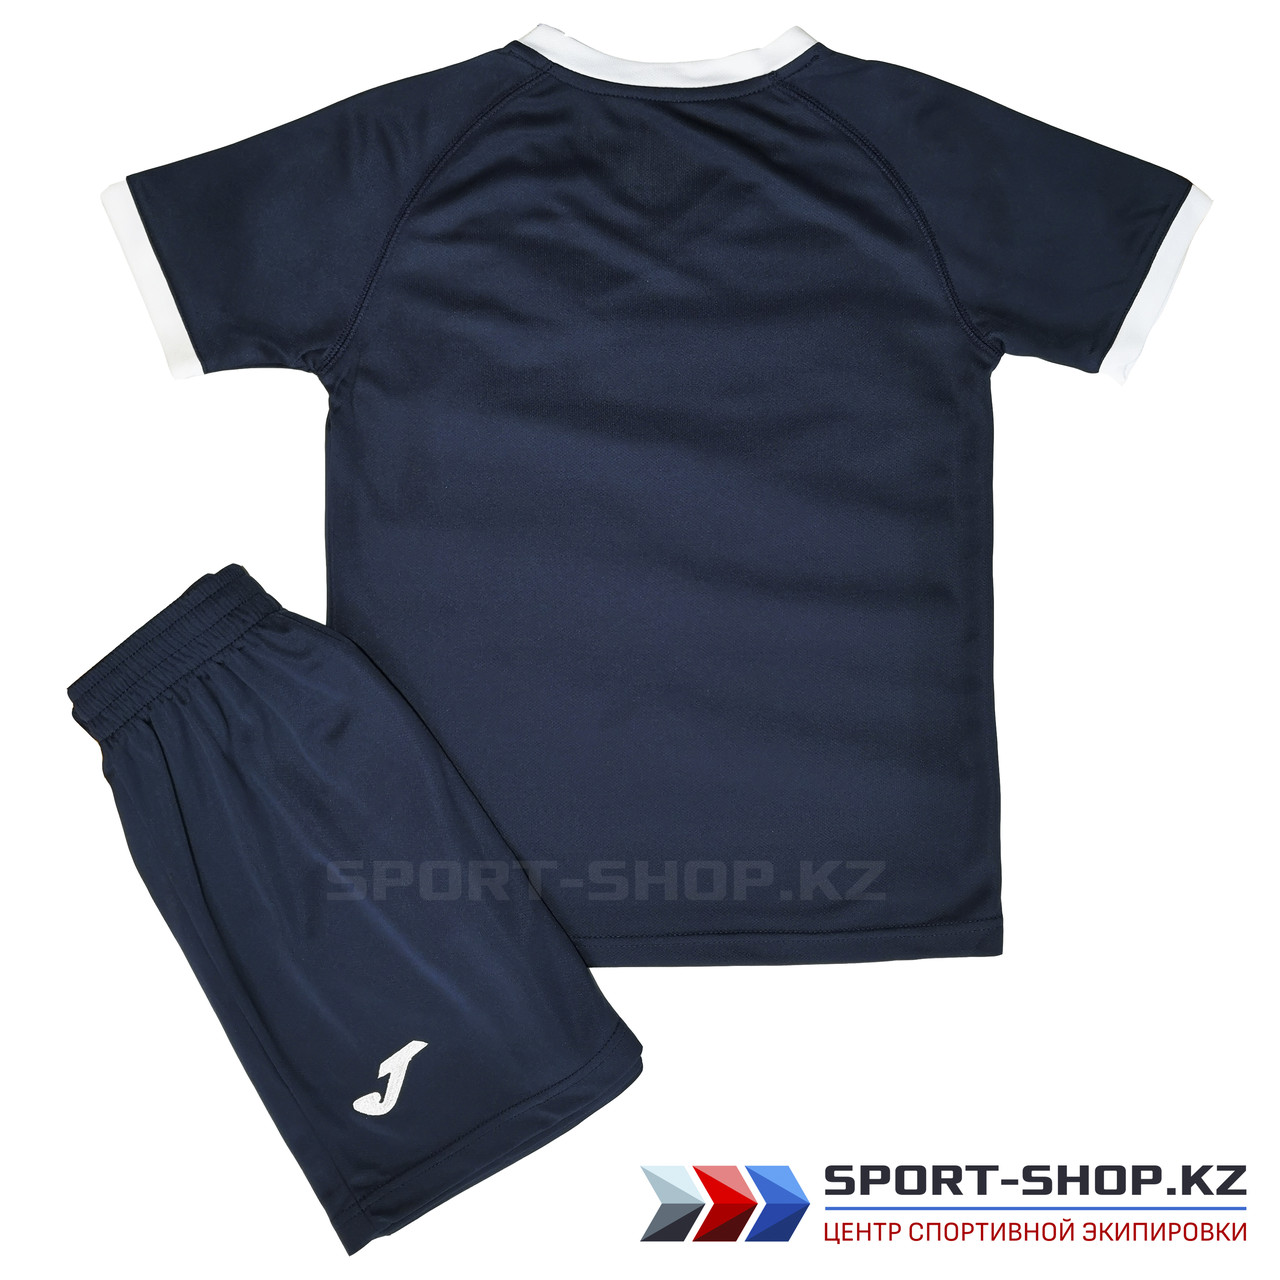 Детская футбольная форма-оригинал (Нейтральная) JOMA - фото 2